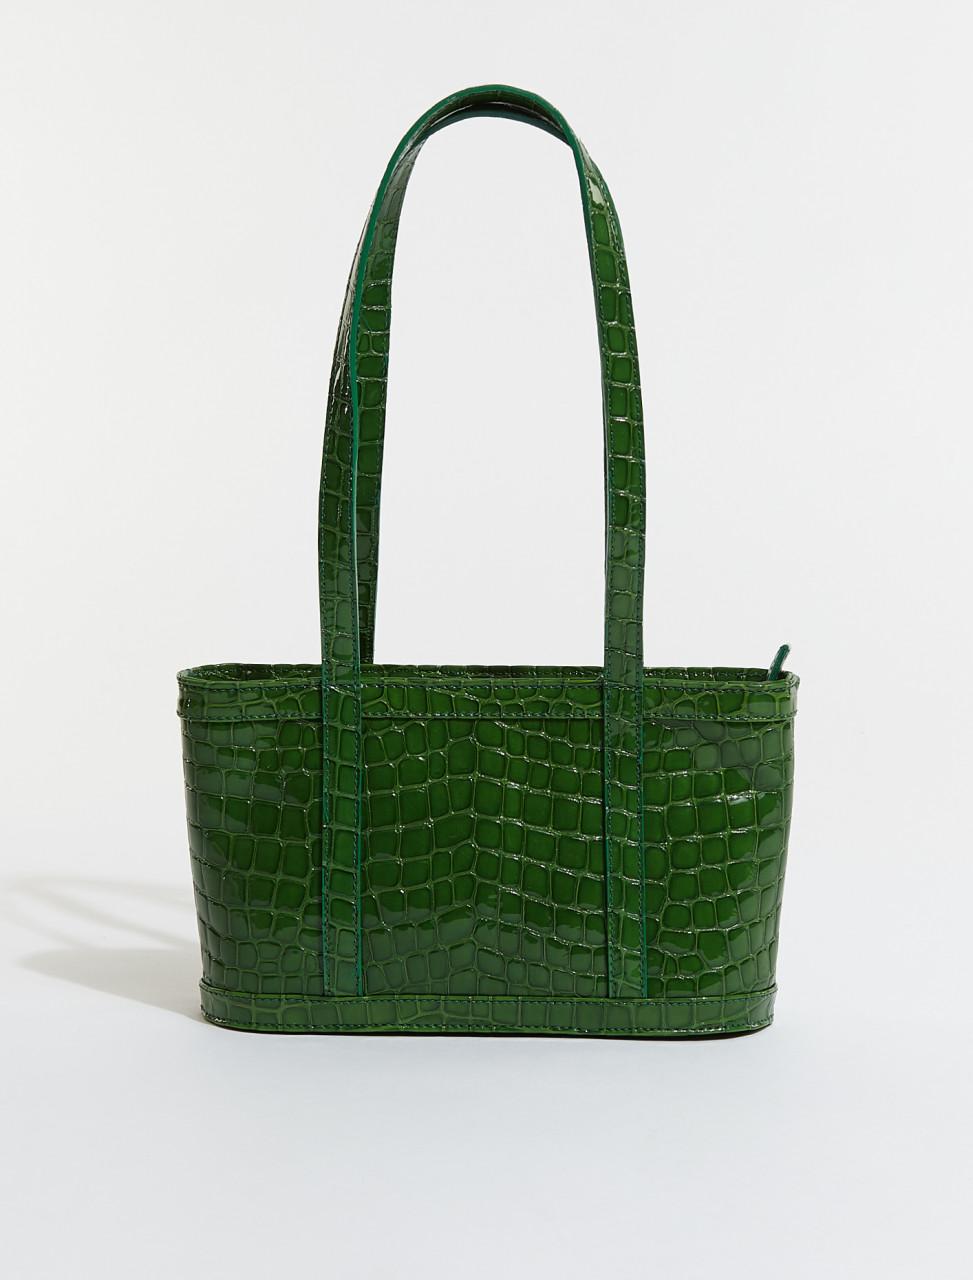 PBM002-521 PALOMA WOOL JUANITA BAG IN INTENSE GREEN